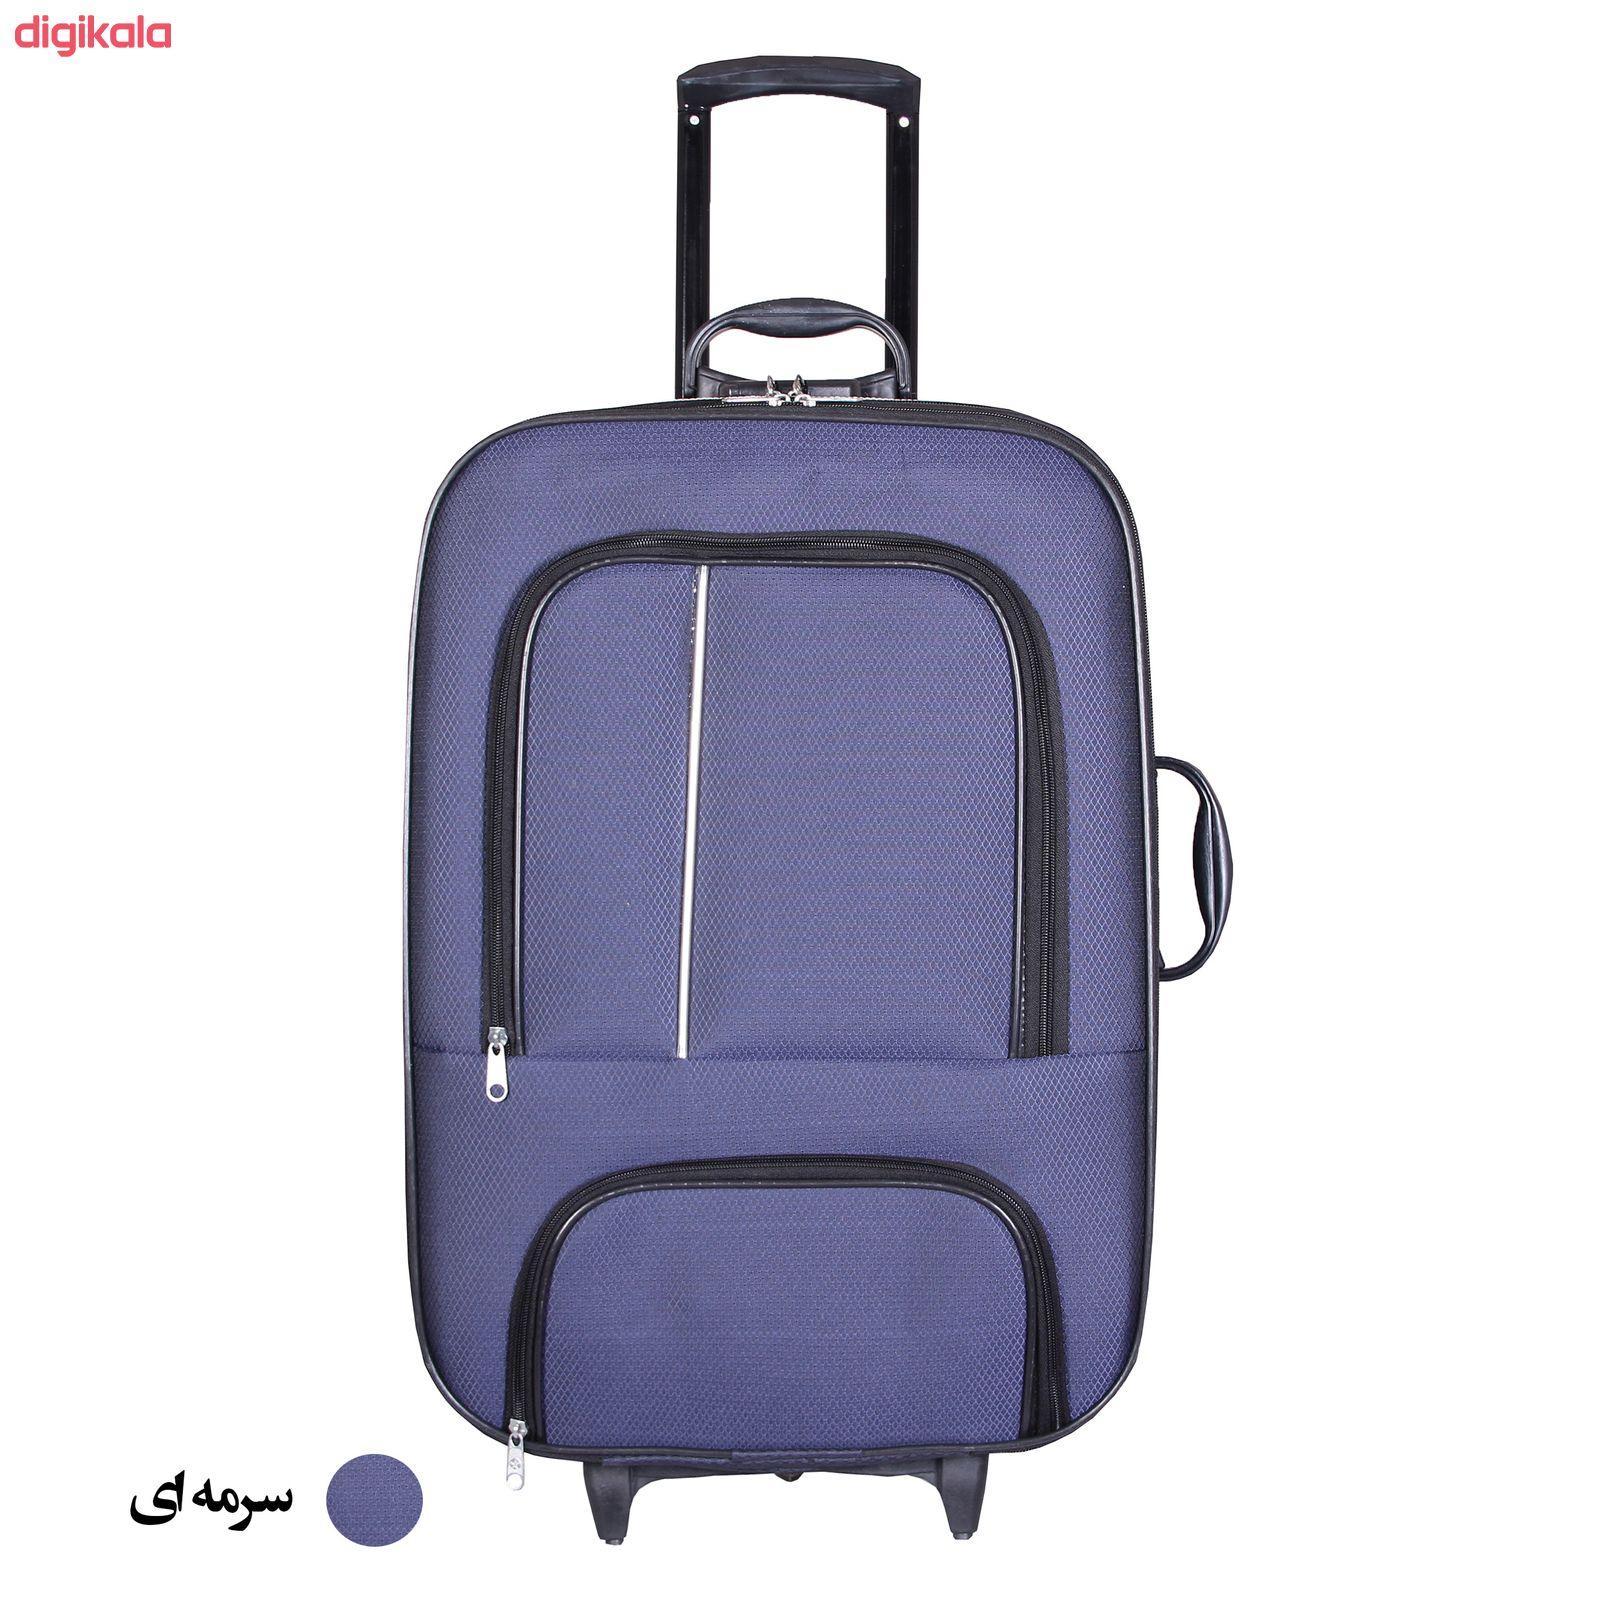 مجموعه دو عددی چمدان پرواز مدل M01000 main 1 2